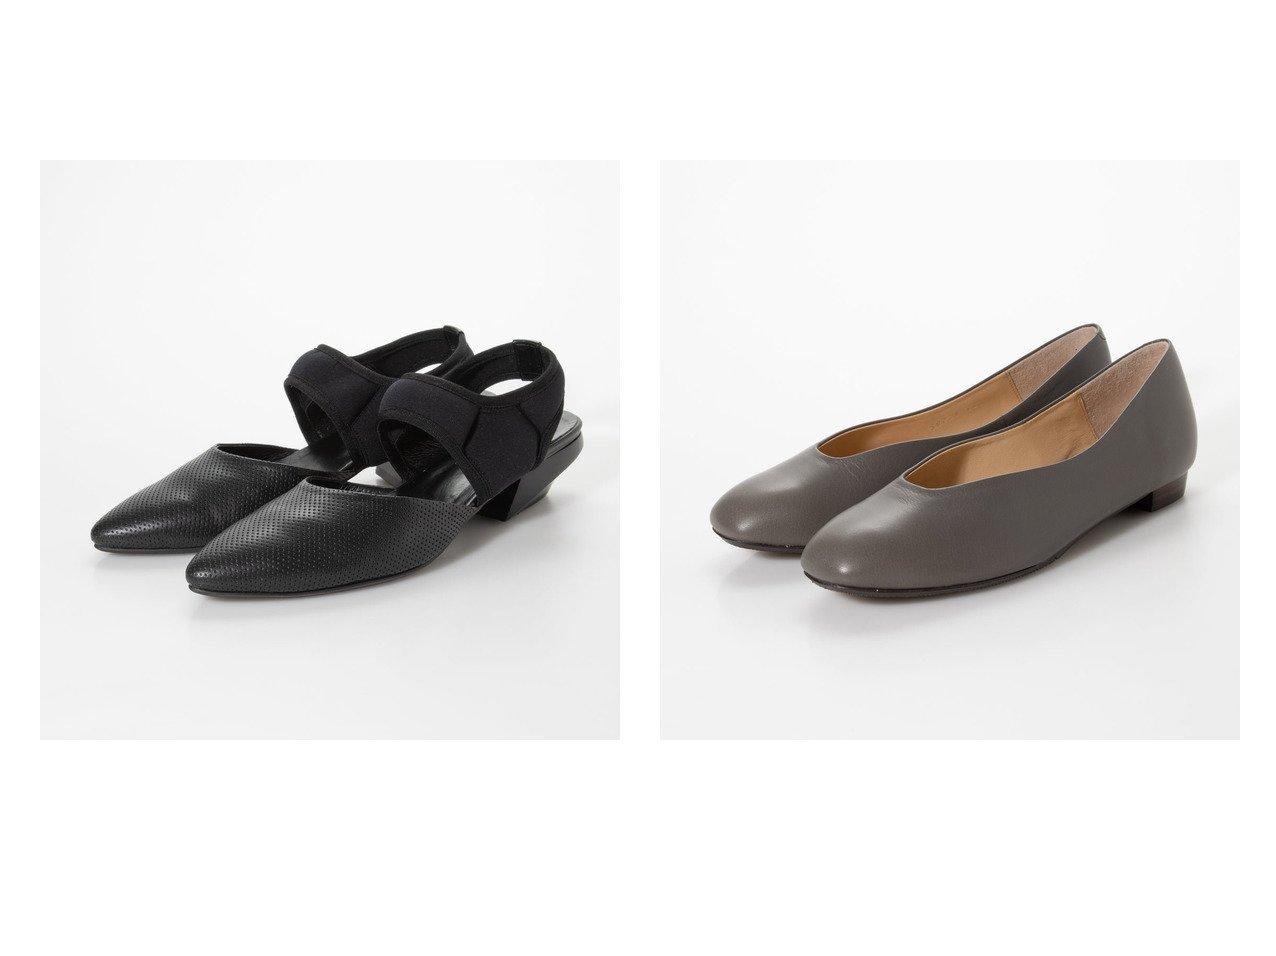 【RABOKIGOSHI works/ラボキゴシ ワークス】のバックストラップパンプス 12292&【Saya/サヤ】のプレーンパンプス 50739 シューズ・靴のおすすめ!人気トレンド・レディースファッションの通販 おすすめで人気のファッション通販商品 インテリア・家具・キッズファッション・メンズファッション・レディースファッション・服の通販 founy(ファニー) https://founy.com/ ファッション Fashion レディース WOMEN バッグ Bag ジャージー スポーツ |ID:crp329100000007275